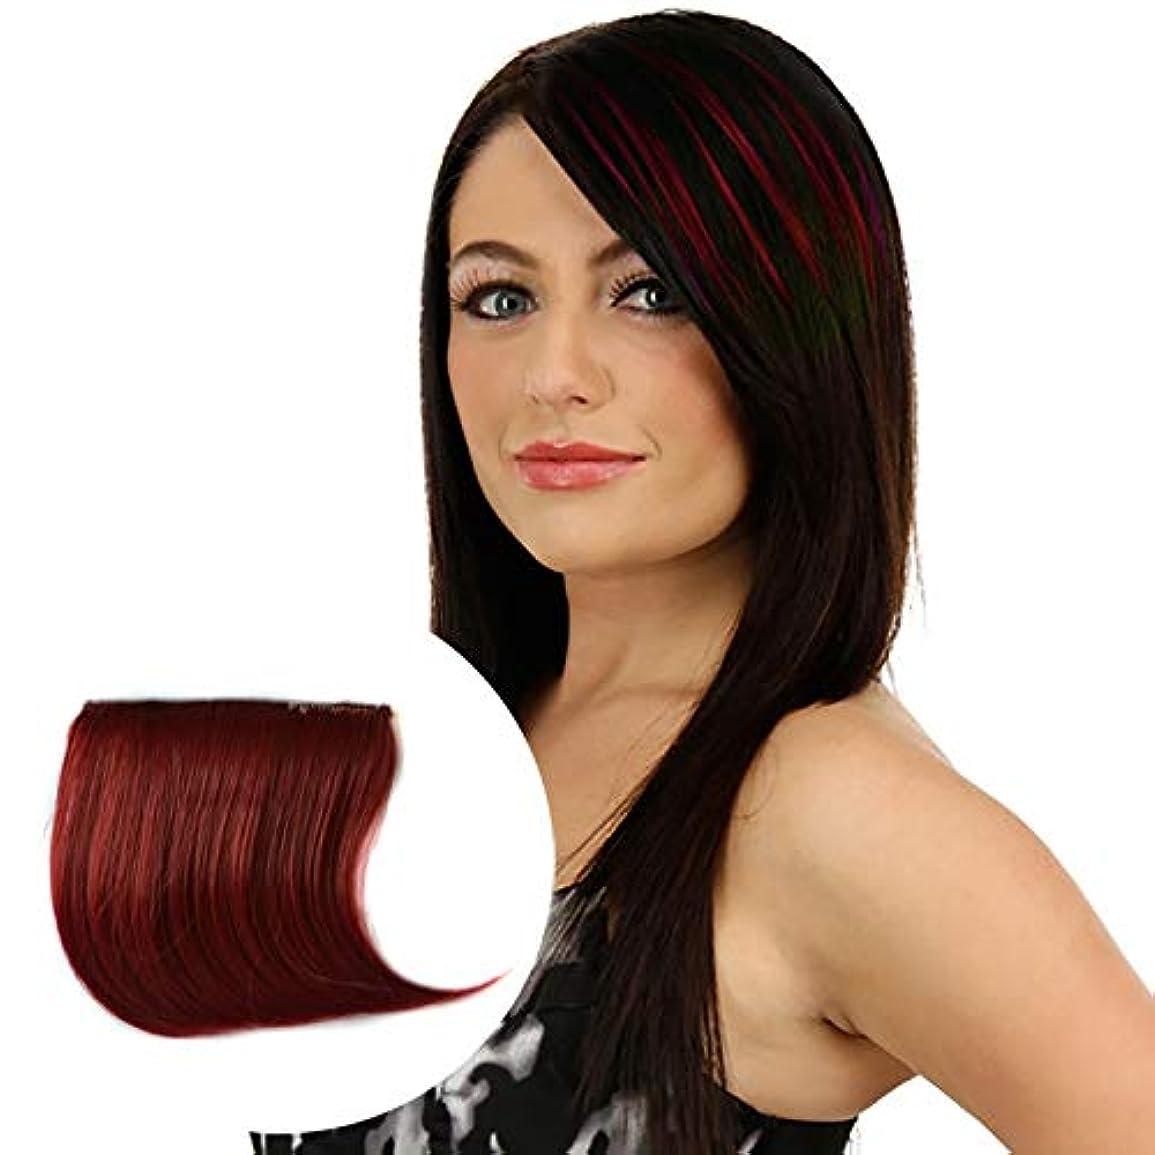 思われる光穏やかな美しさ カラーグラデーション見えないシームレスヘアエクステンションウィッグピースストレートヘアピースカラーバンズヘアピース ヘア&シェービング (色 : Wine Red)